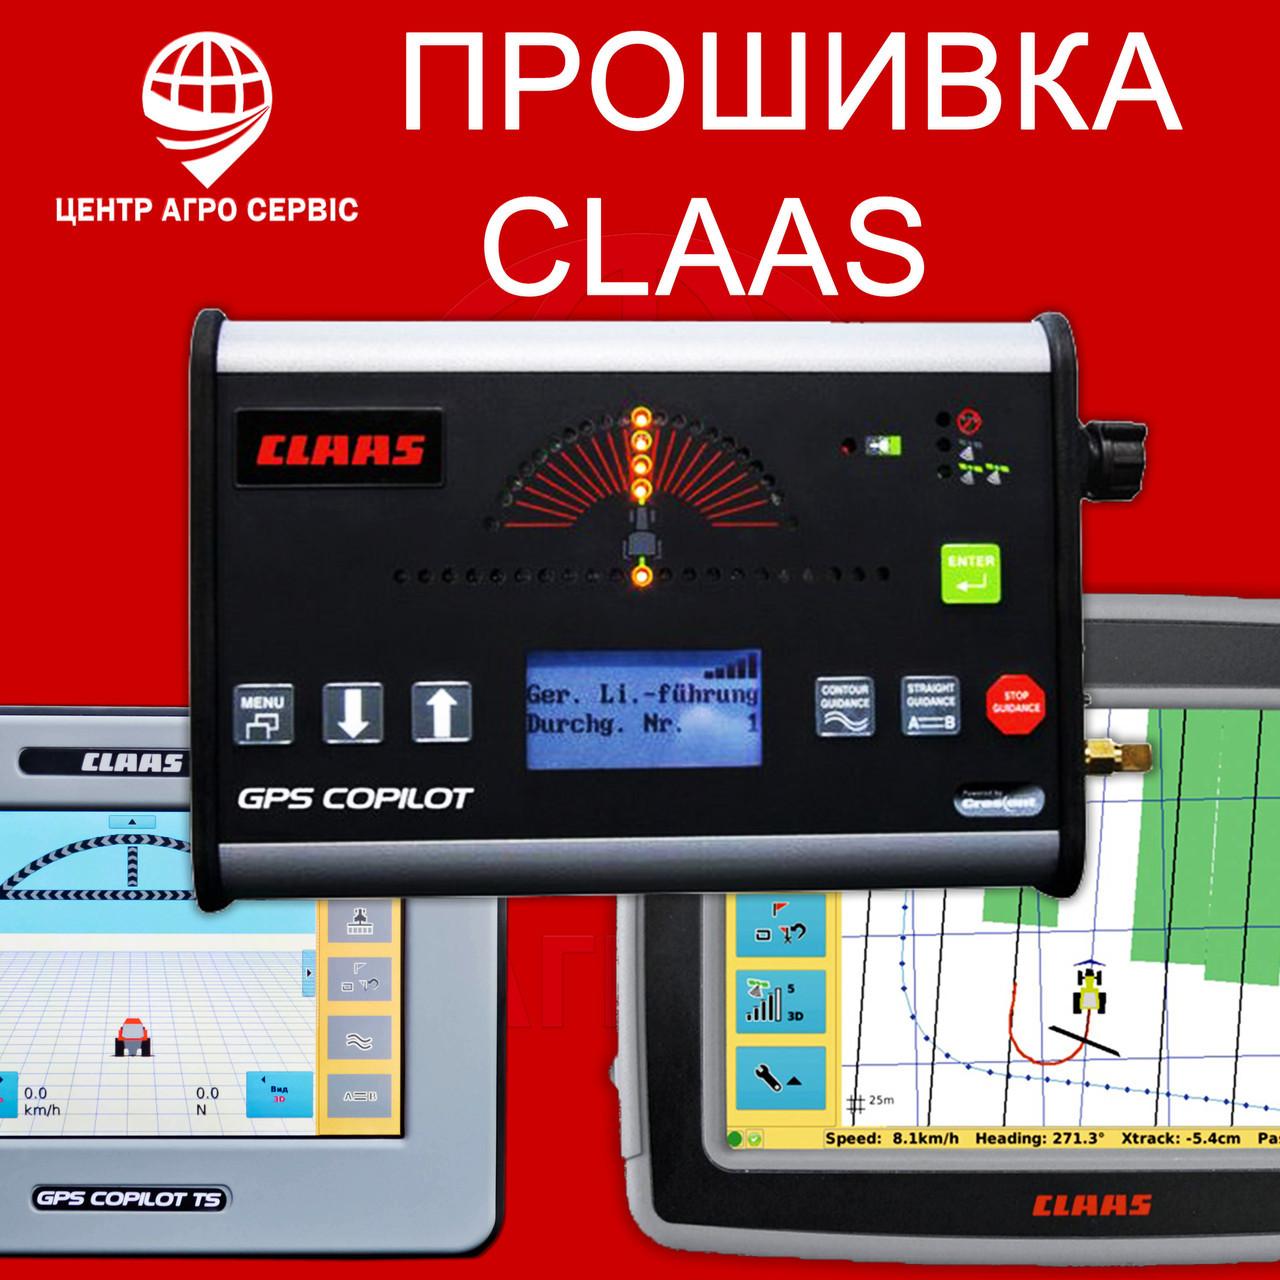 Прошивка  курсоуказателя Claas (параллельного вождения, агронавигатора, навигатор для трактора)